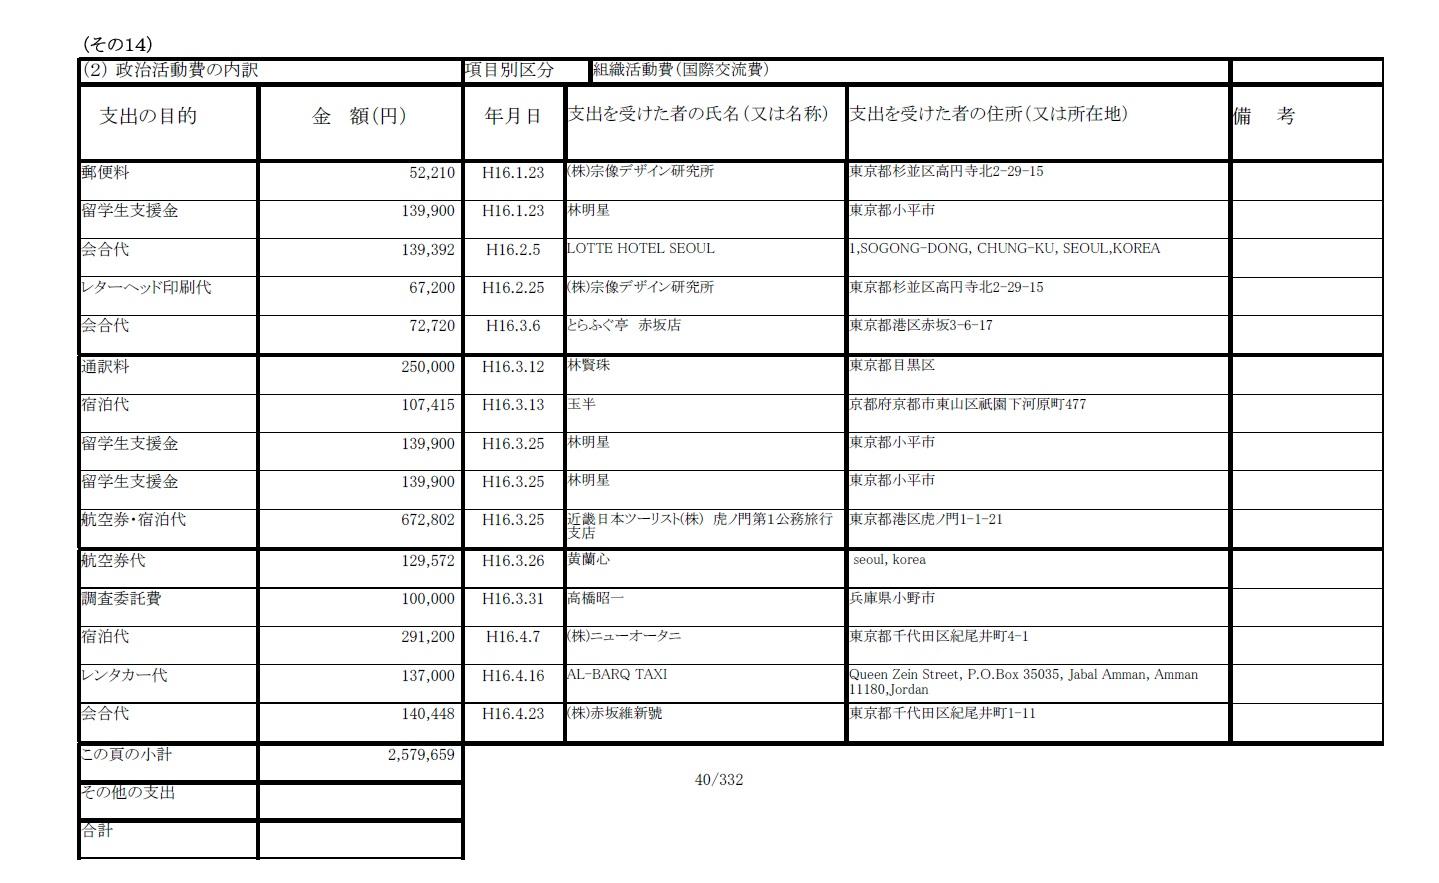 中国人スパイ問題は徹底追求を_d0044584_1029092.jpg